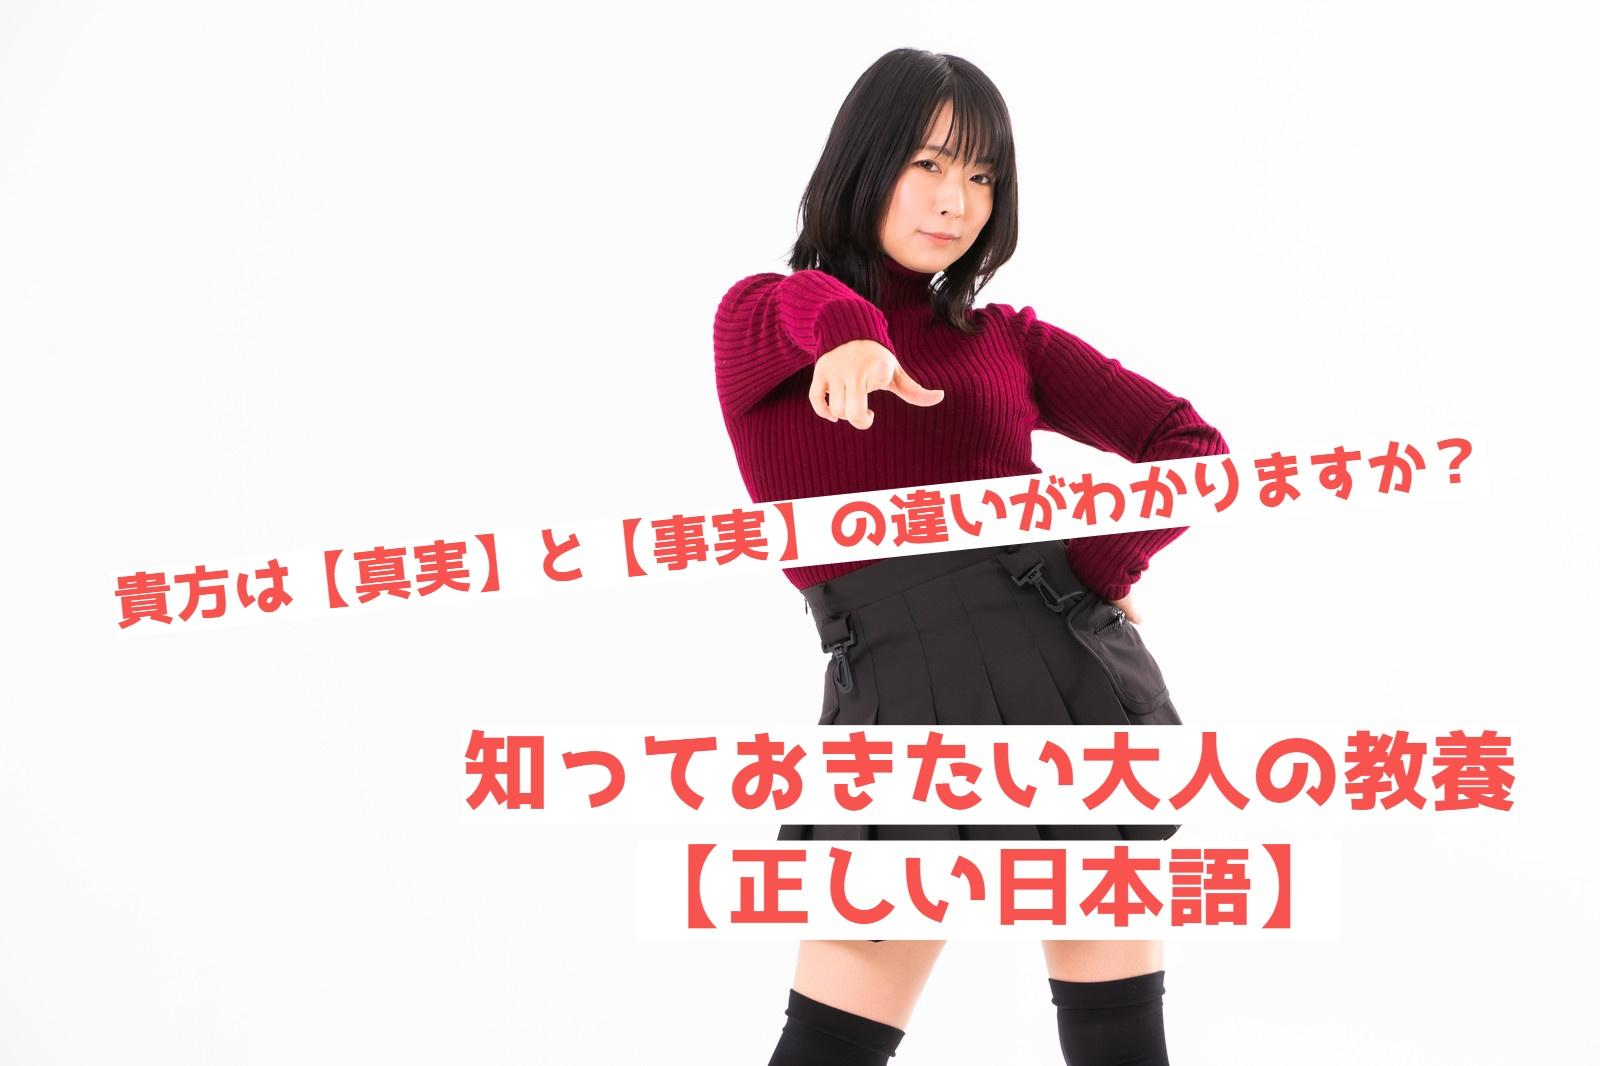 あなたは事実と真実の違いがわかりますか?正しい日本語を覚えよう